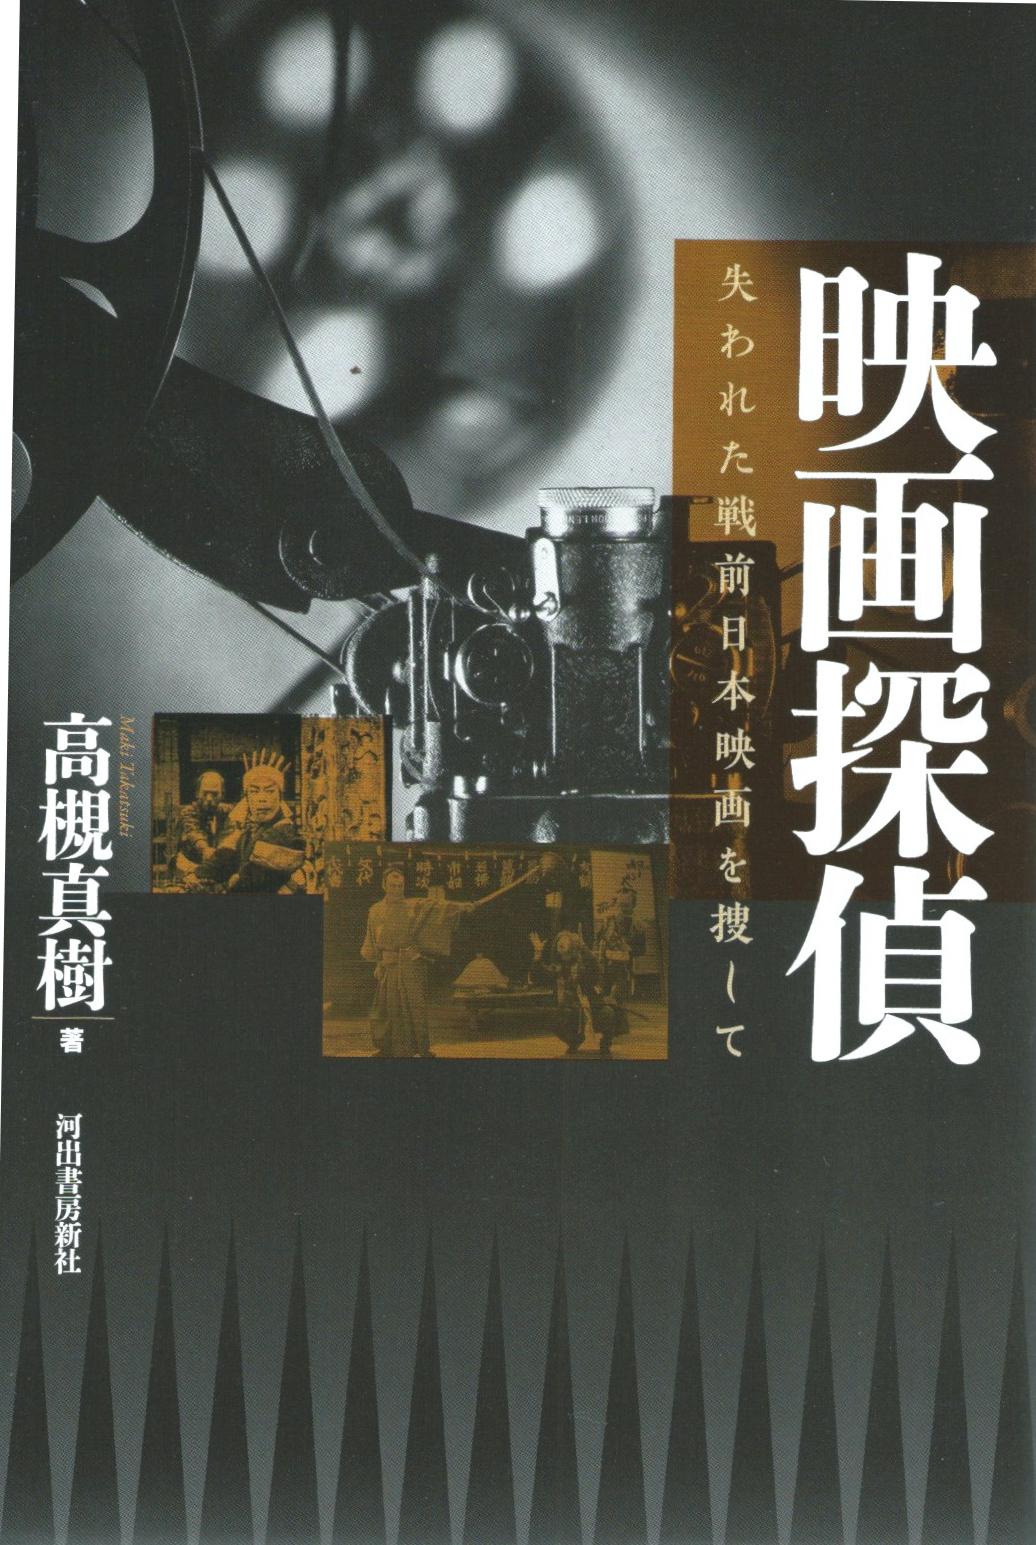 映画探偵 失われた戦前日本映画を捜して[バーゲンブック]